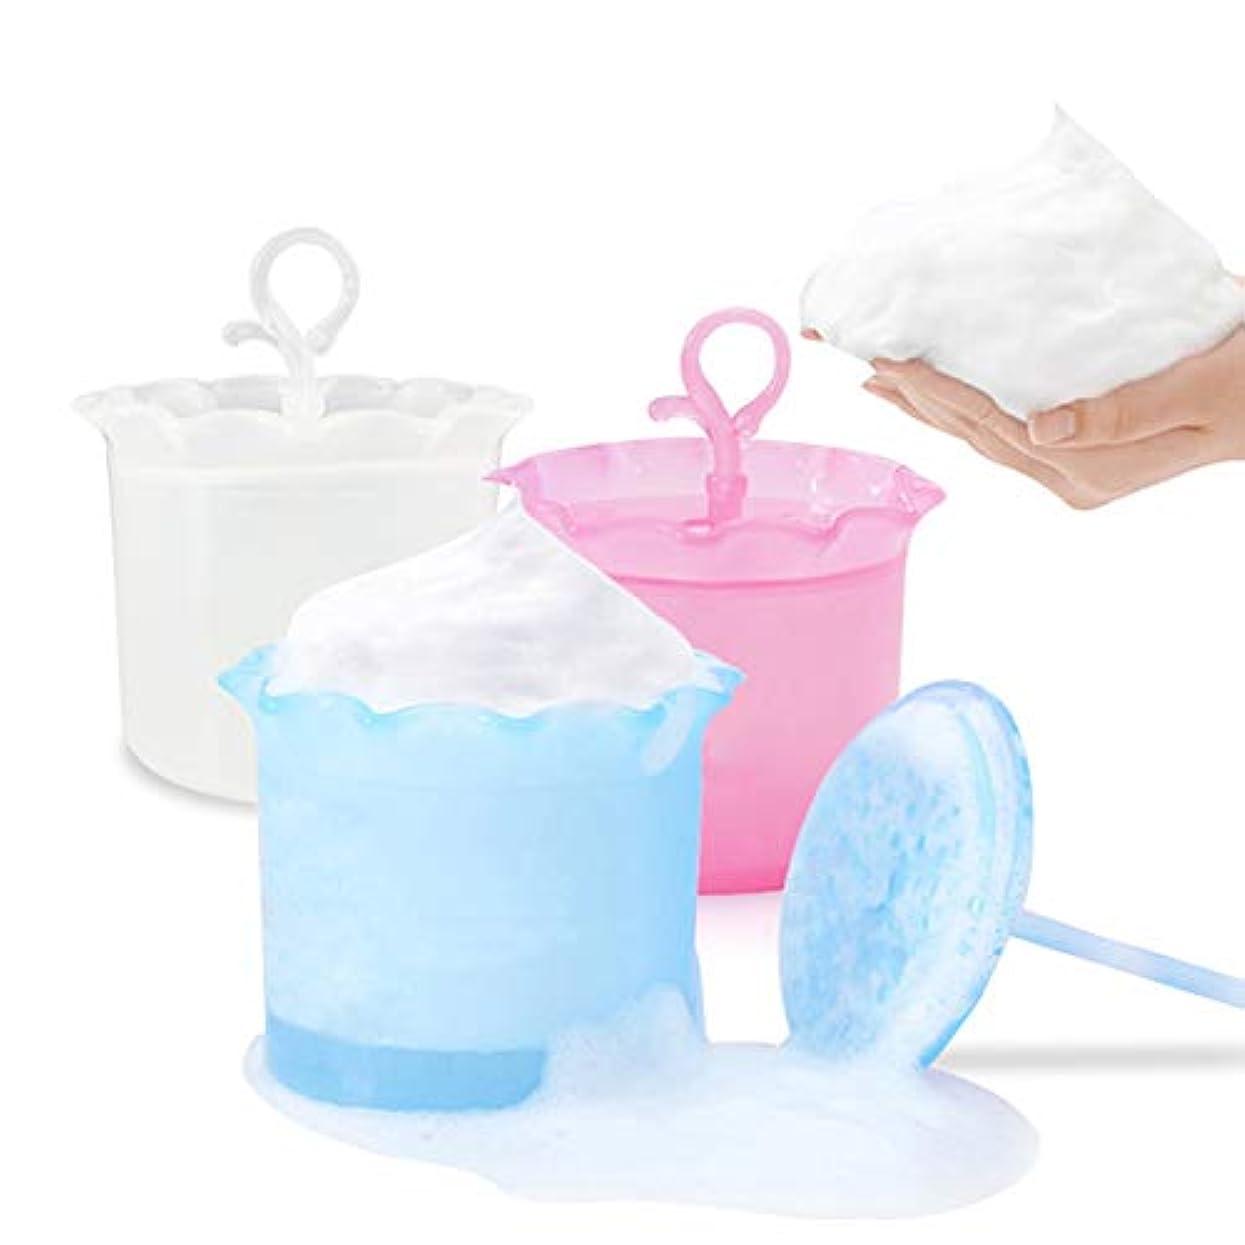 確かめる花瓶形泡メーカーバブルフェイシャルクレンザーフォームフェースクリーンツールクレンジングカップマシュマロホイップメーカー (1pc)